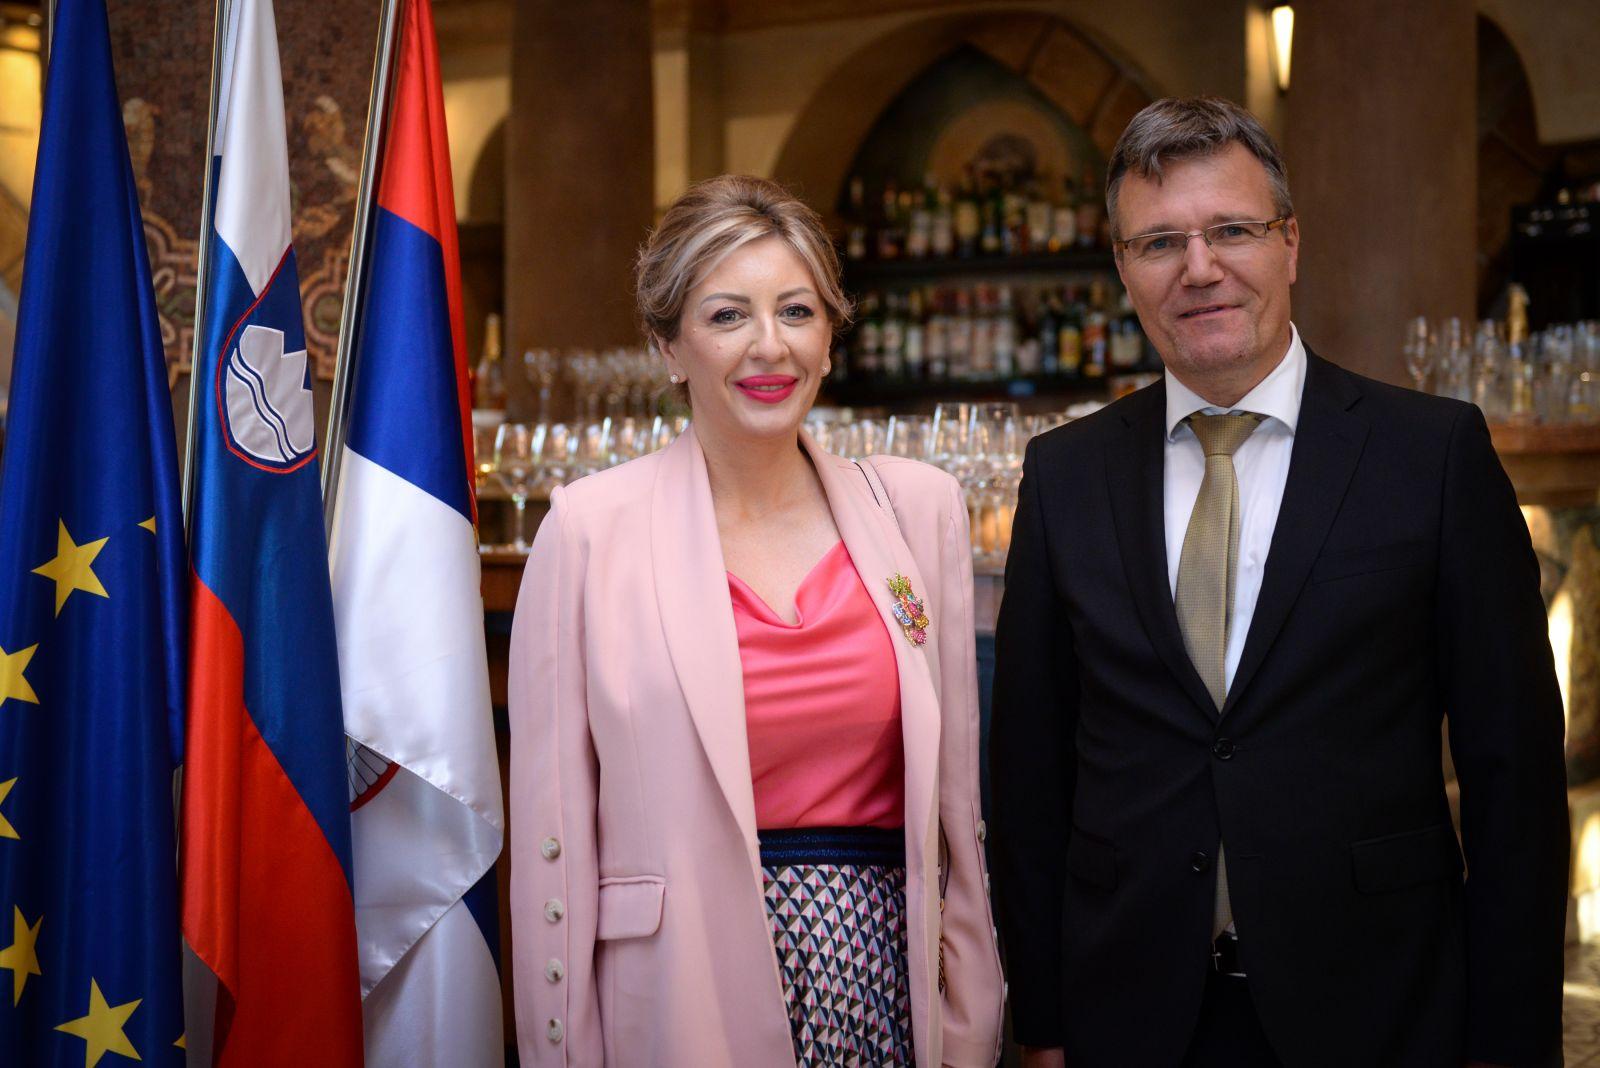 Ј. Јоксимовић: Словенија и Србија усмерене на будућност